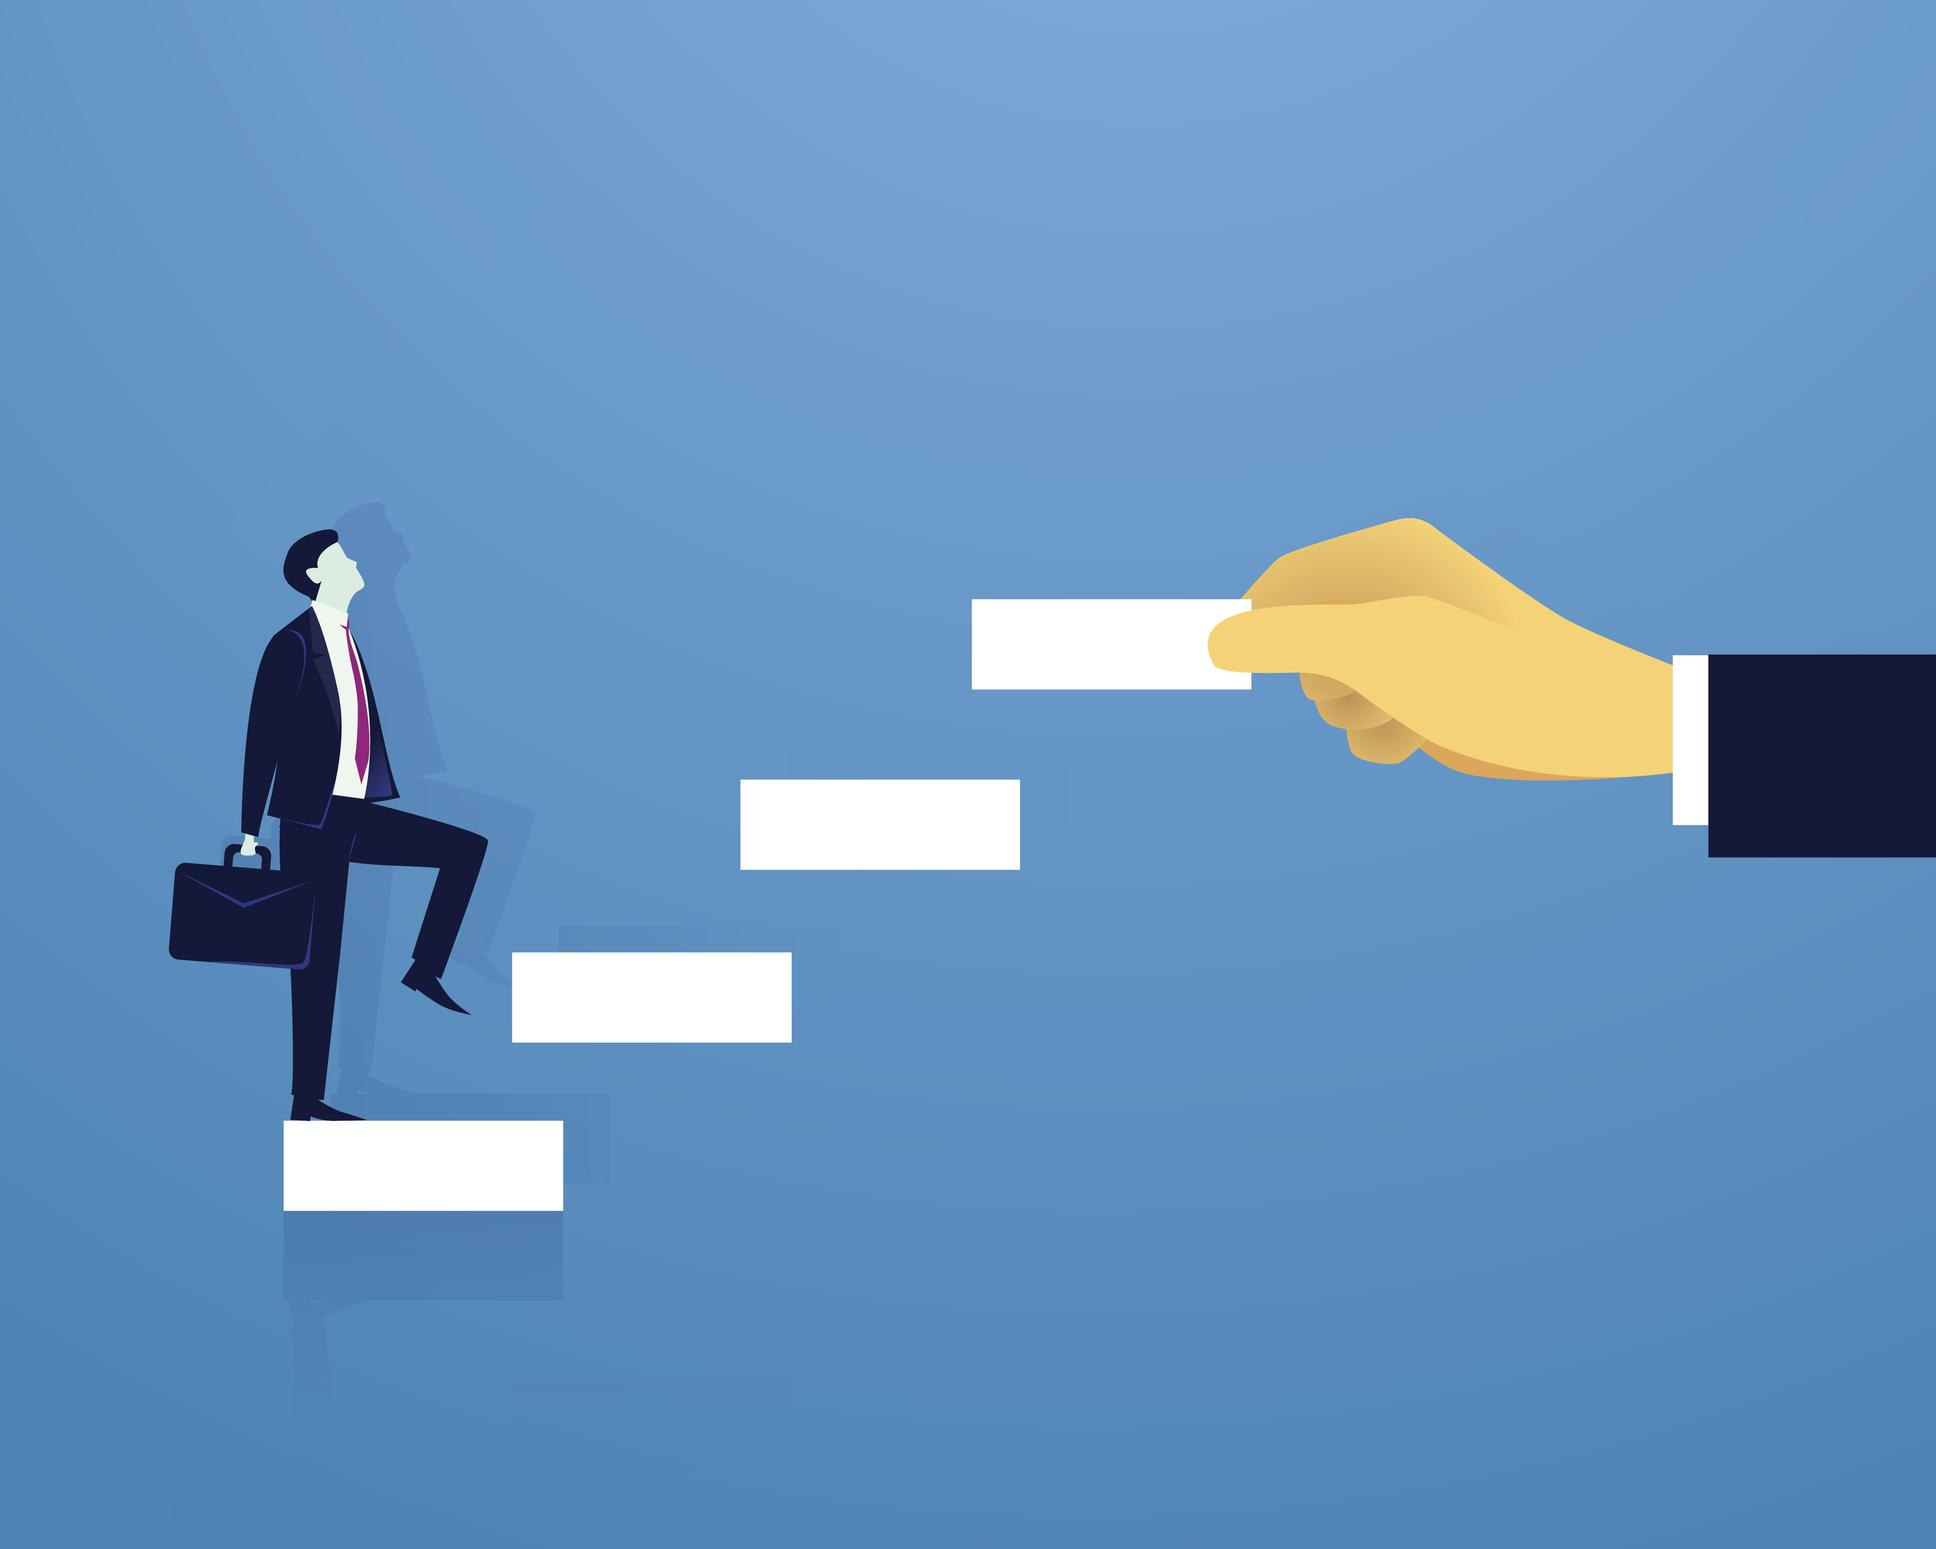 Os passos necessários para se tornar um serviço por assinatura digital